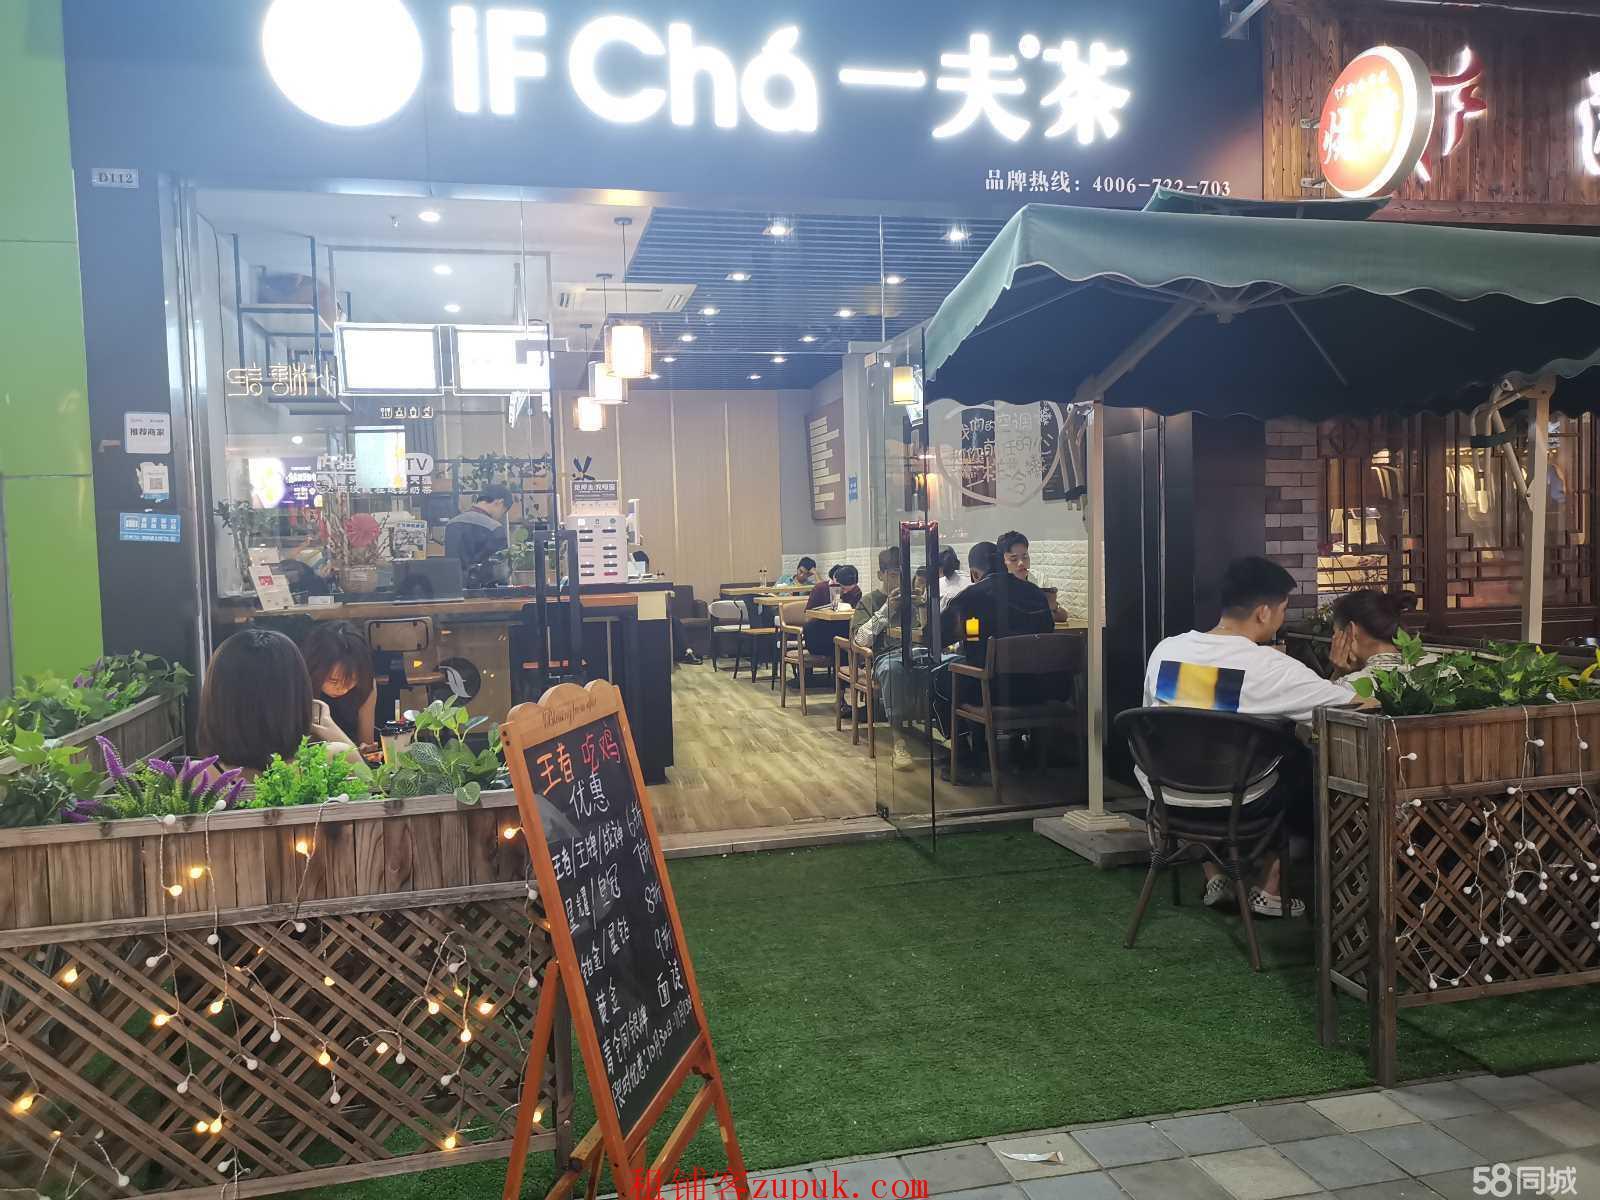 新市天地临街奶茶咖啡小吃餐厅(老客多可外摆)